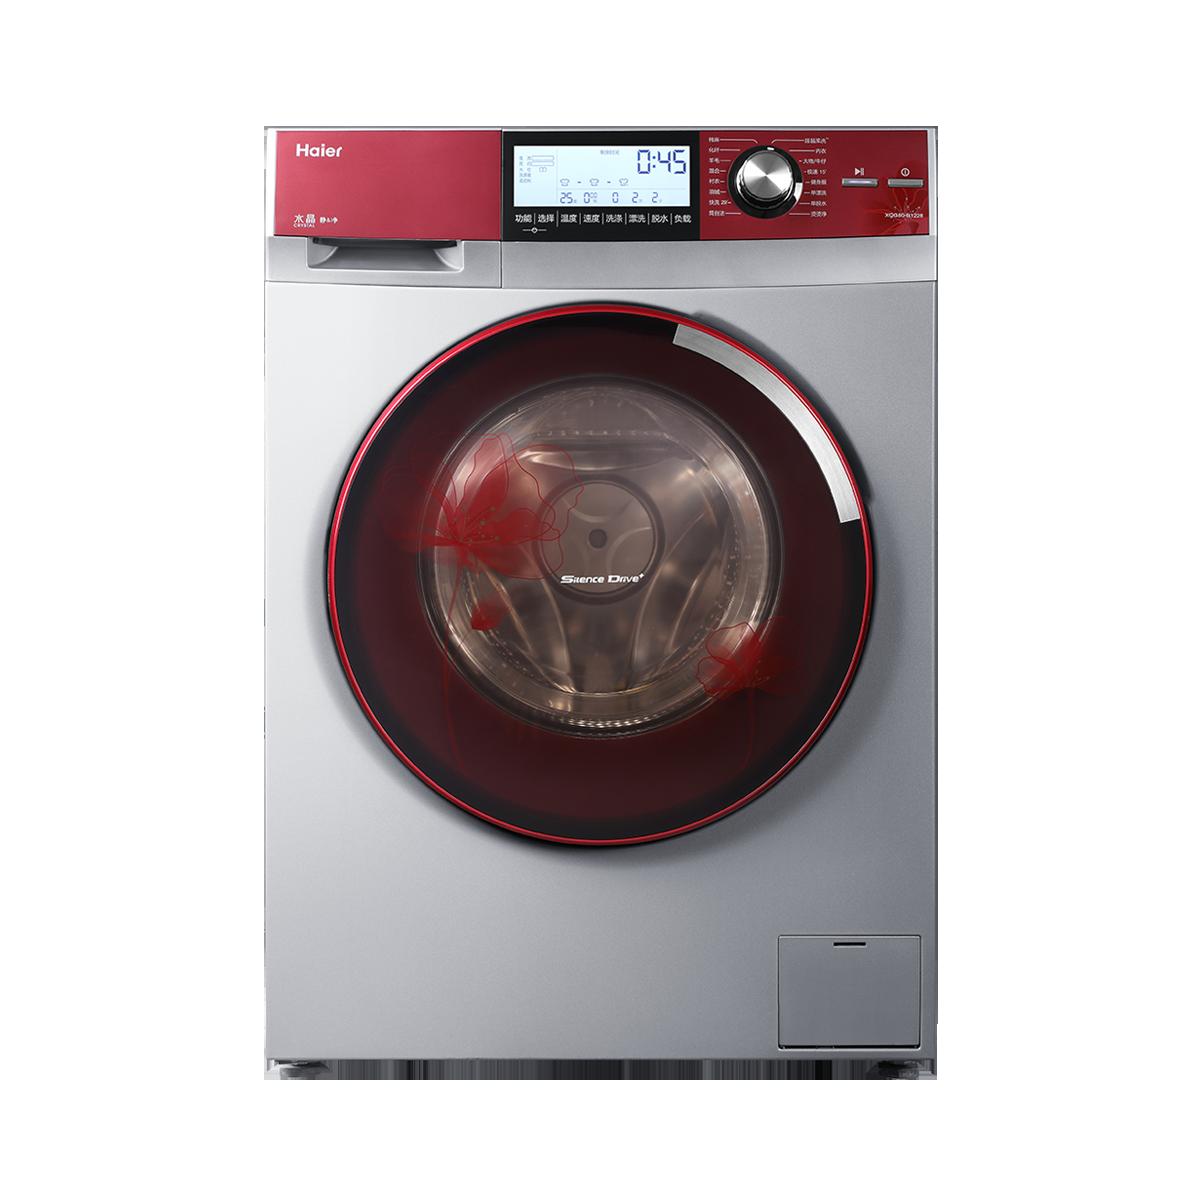 海尔Haier洗衣机 XQG80-B1228 说明书